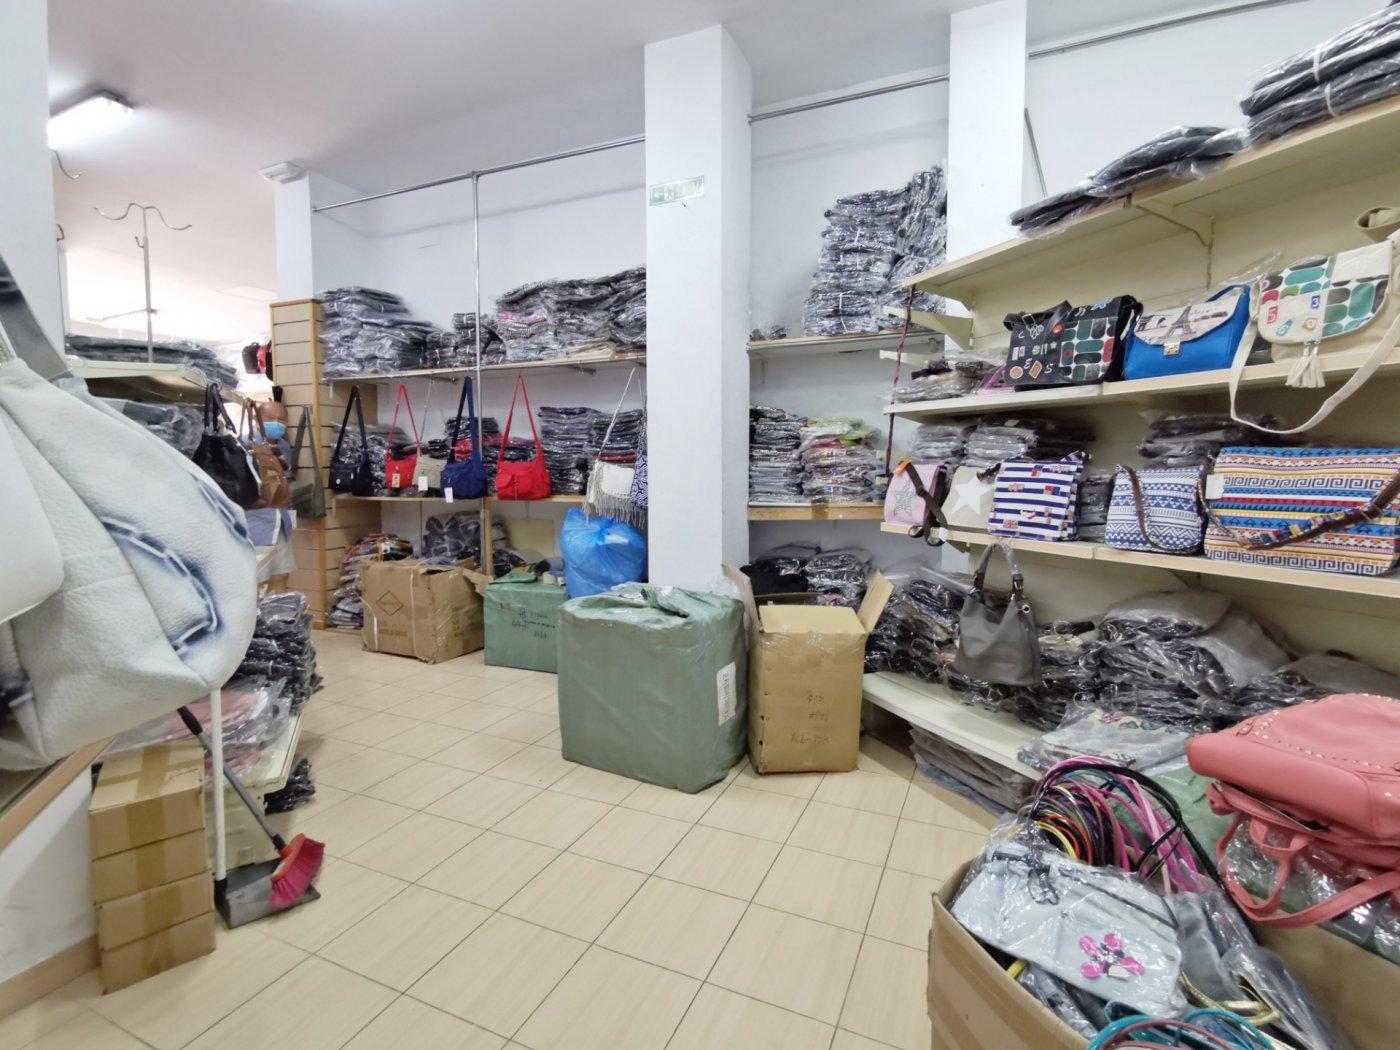 Local en venta en pere garau - imagenInmueble4